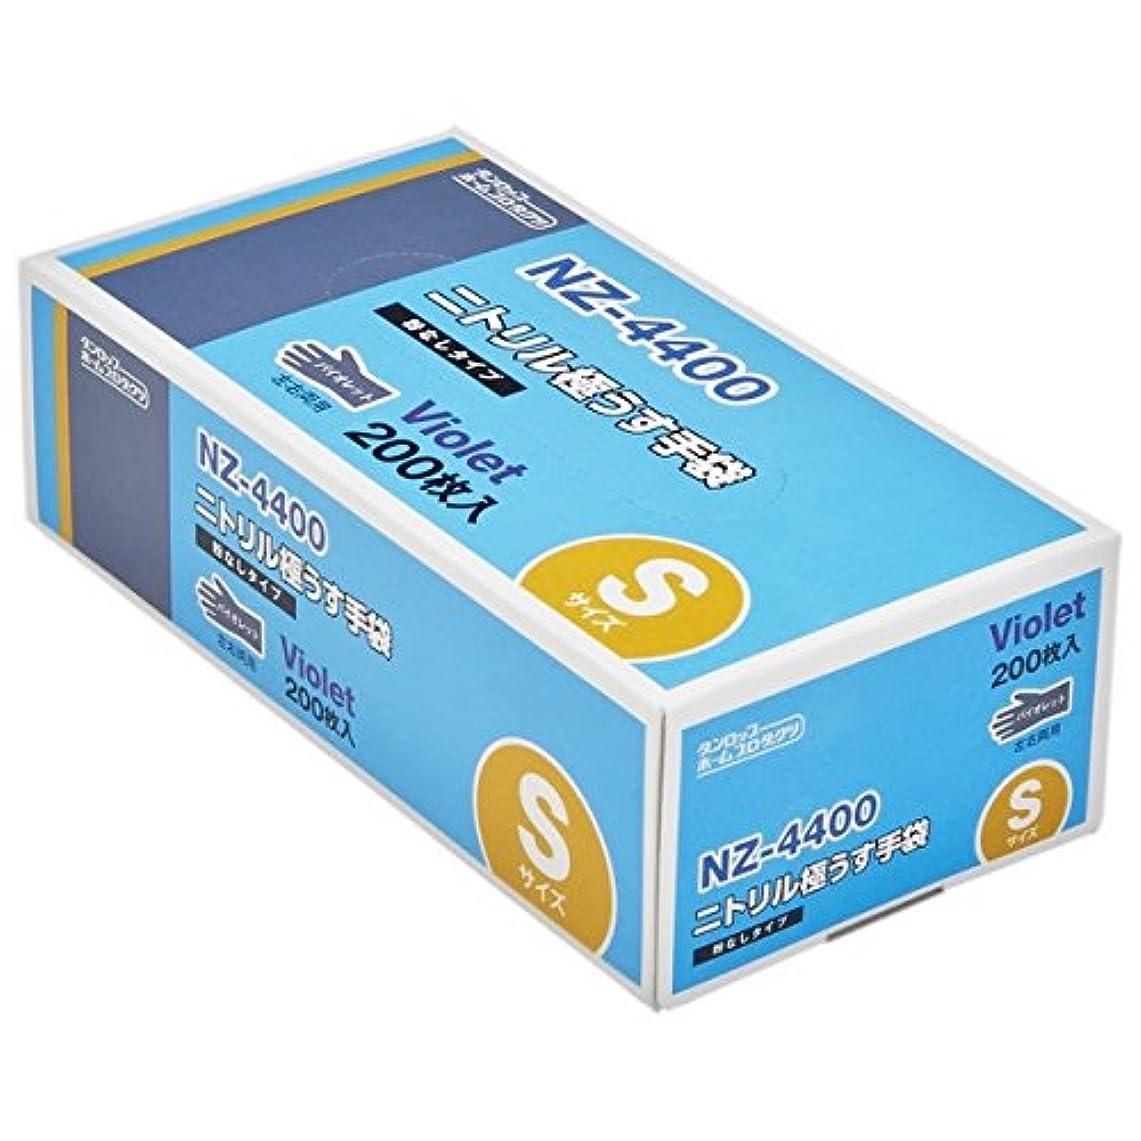 忘れる主流個人的にダンロップ ニトリル極うす手袋 NZ-4400 バイオレット 粉なし Sサイズ 200枚入